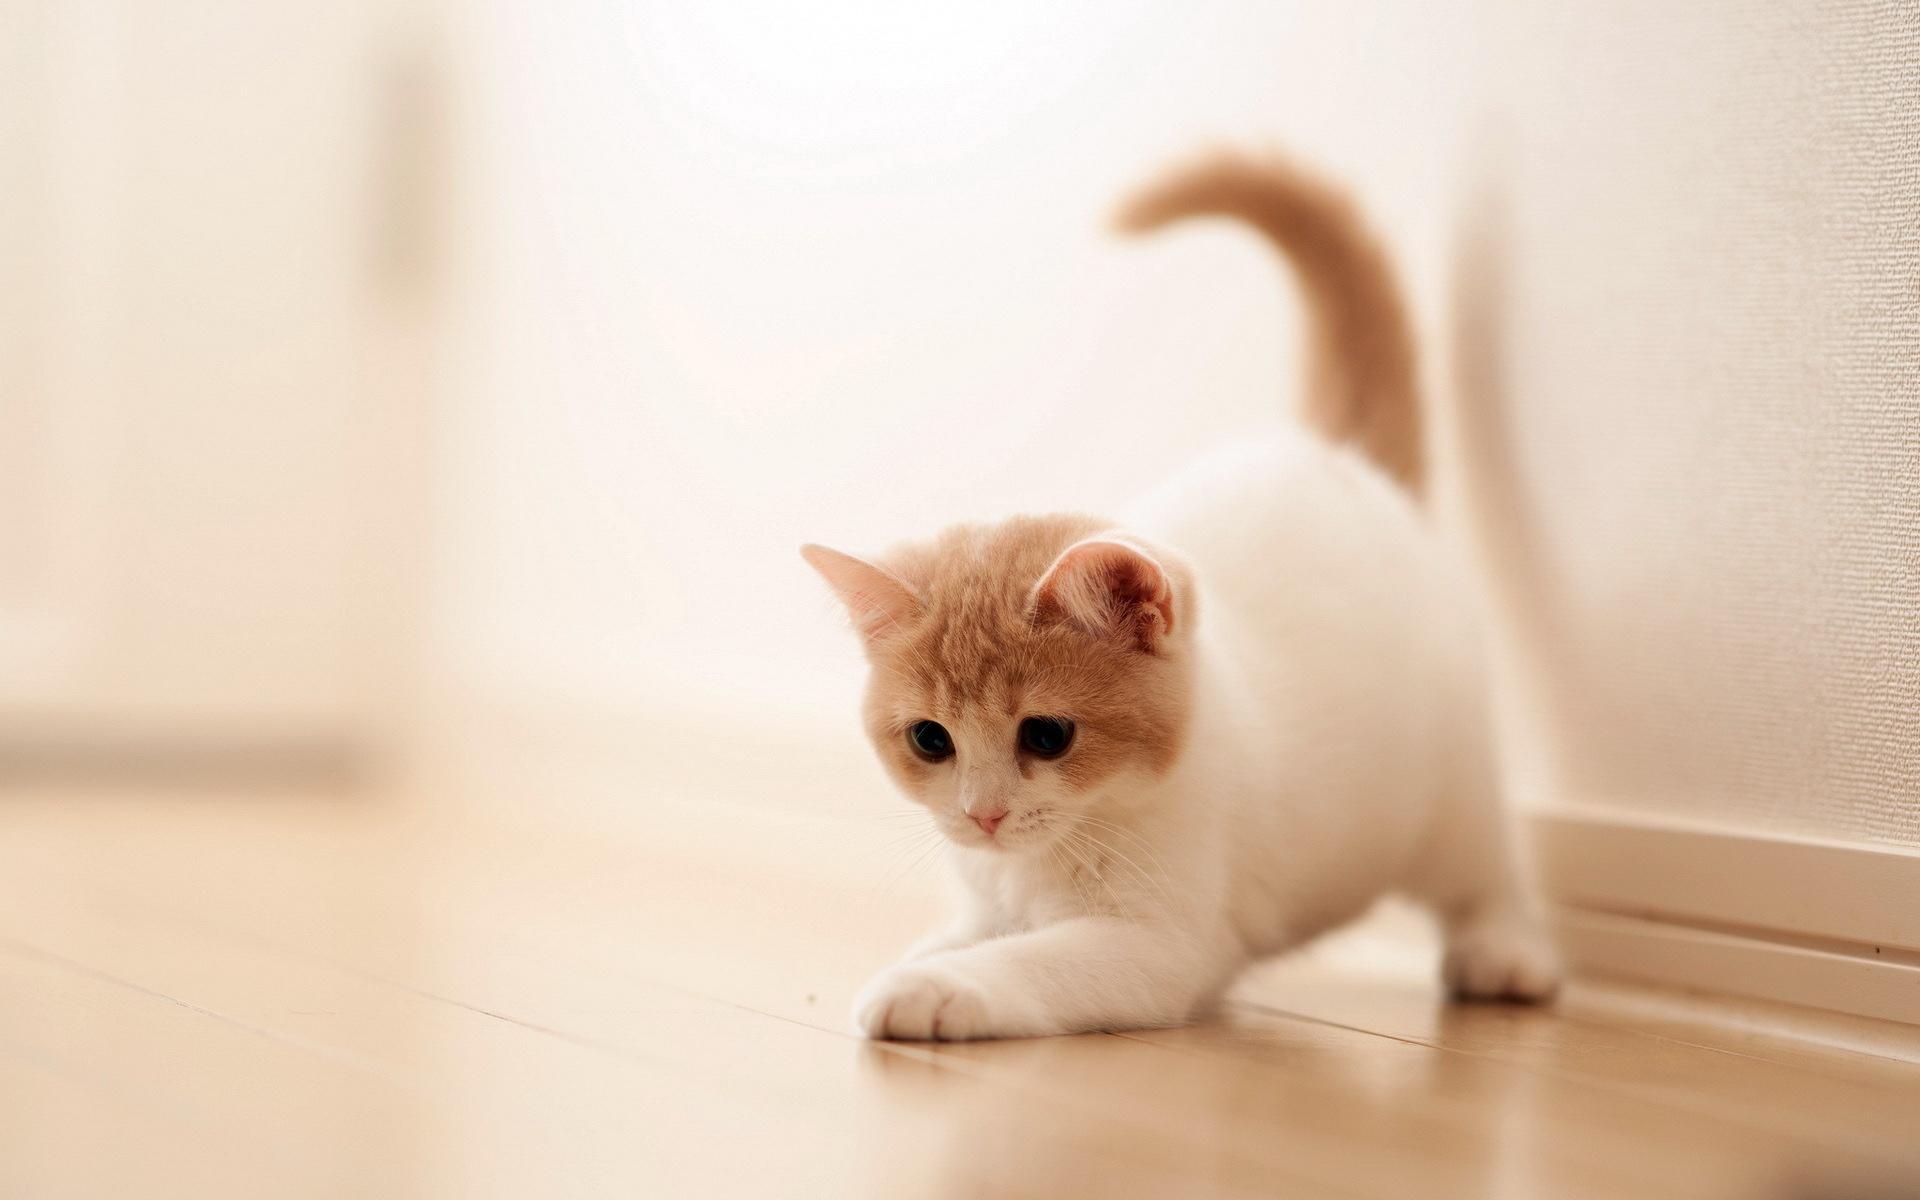 cat desktop wallpapers download